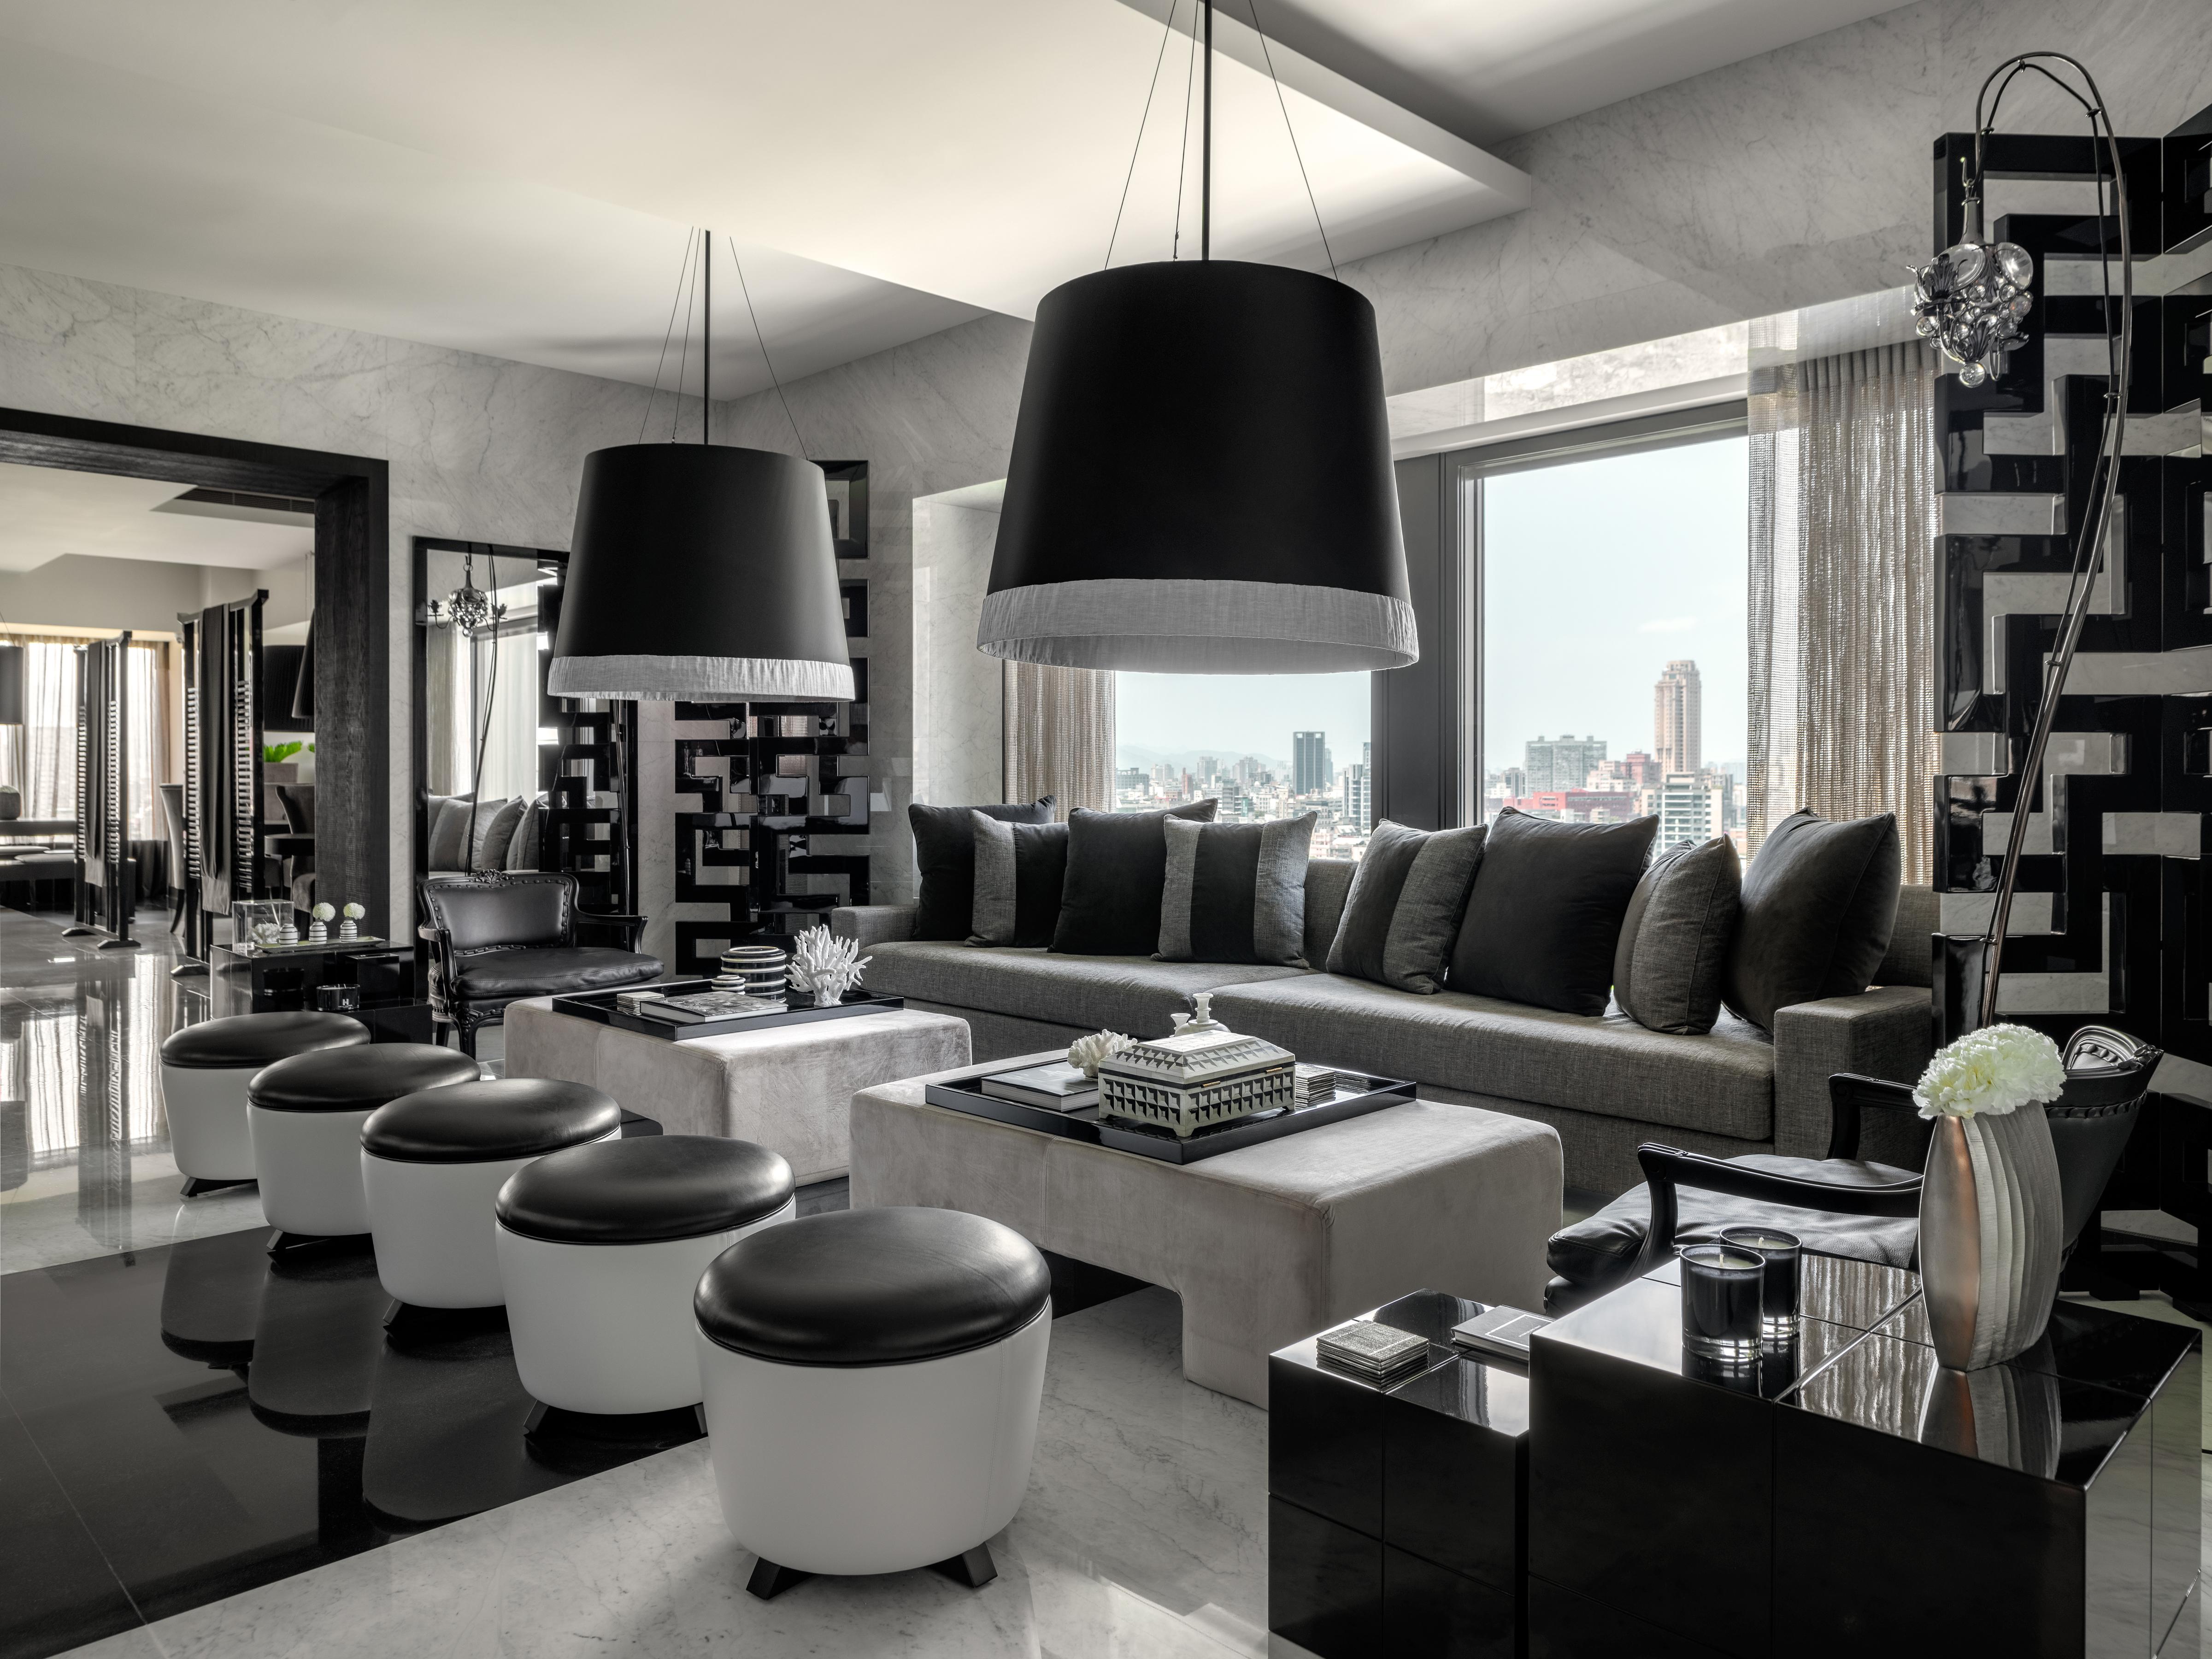 1571999929 482 serene livable luxury is the focus of taipei residential towers - Serene, Livable Luxury is the Focus of Taipei Residential Towers